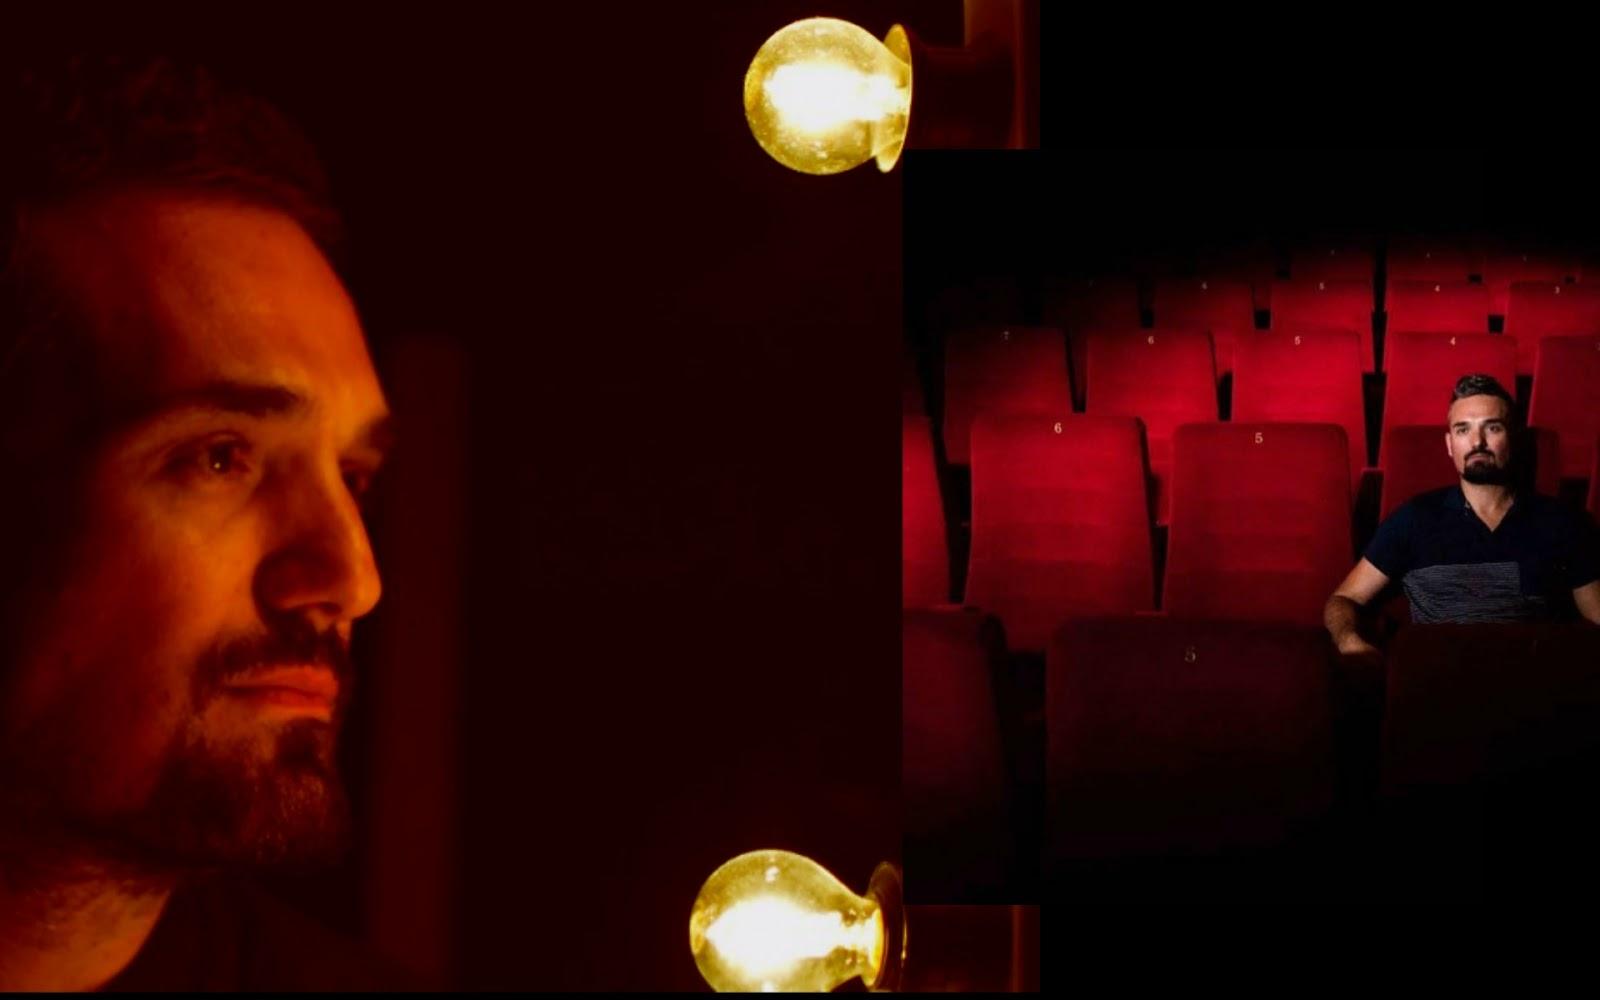 δημητρης φοινιτσης,συνεντευξη,θεατρο.κρητικος σκηνοθετης,προΤΑΣΗ